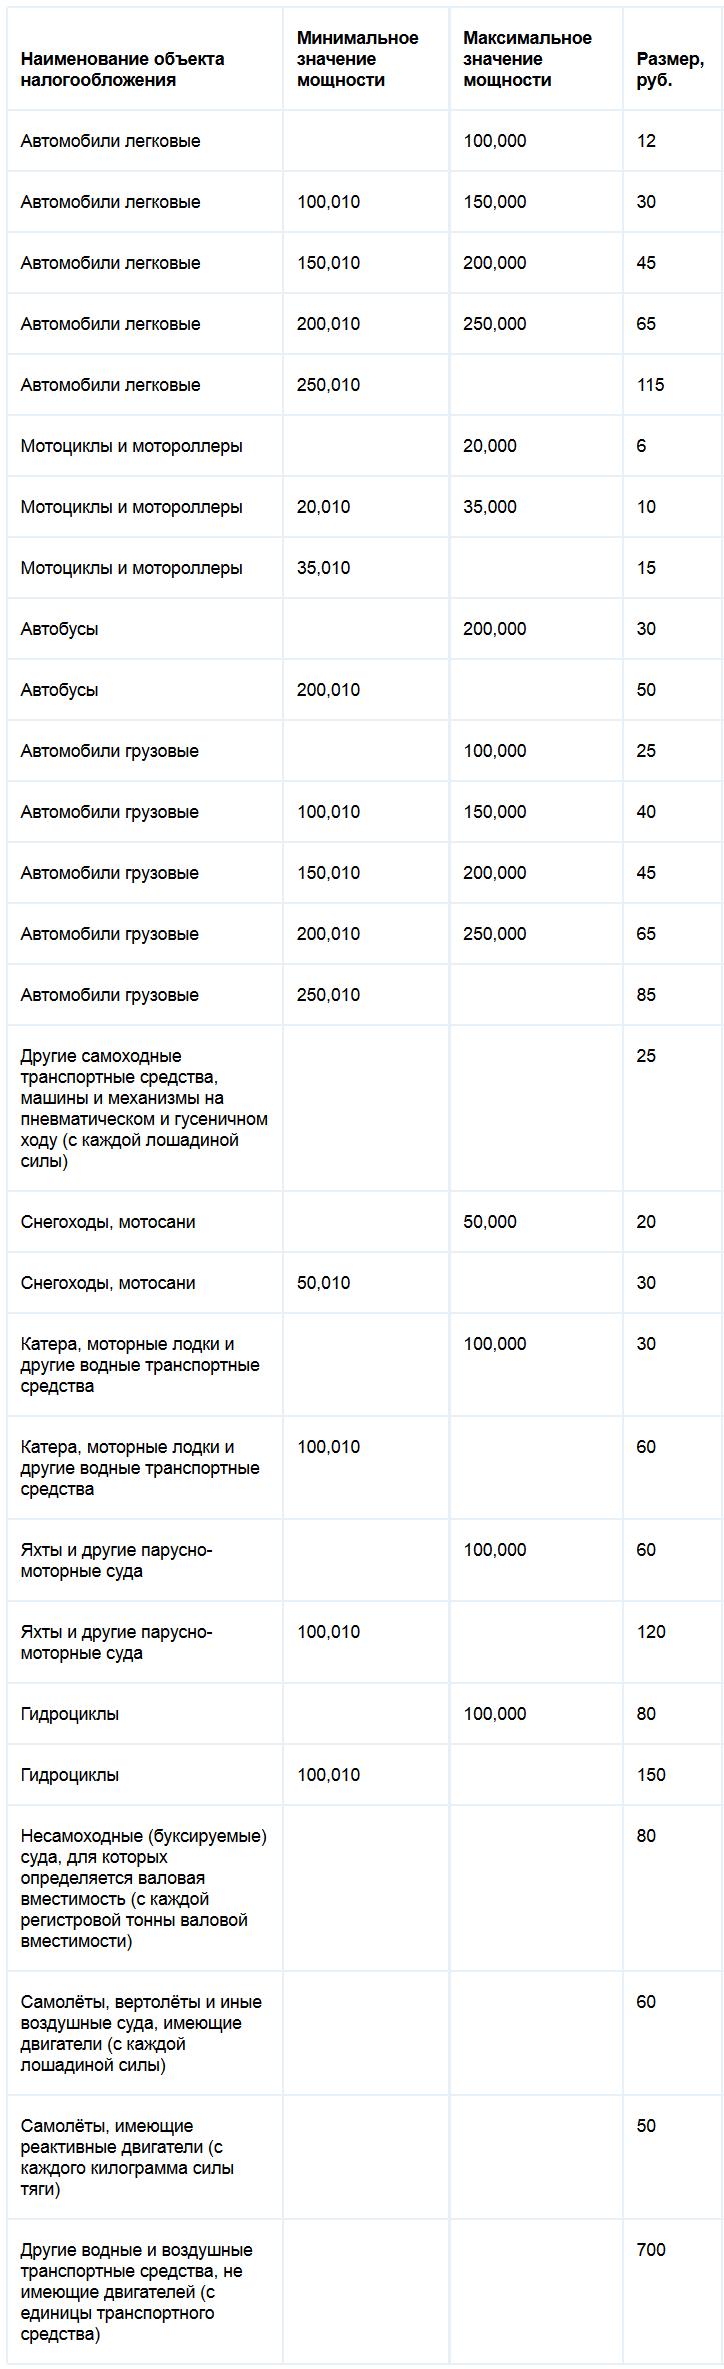 Ставки транспортного налога Ульяновской области